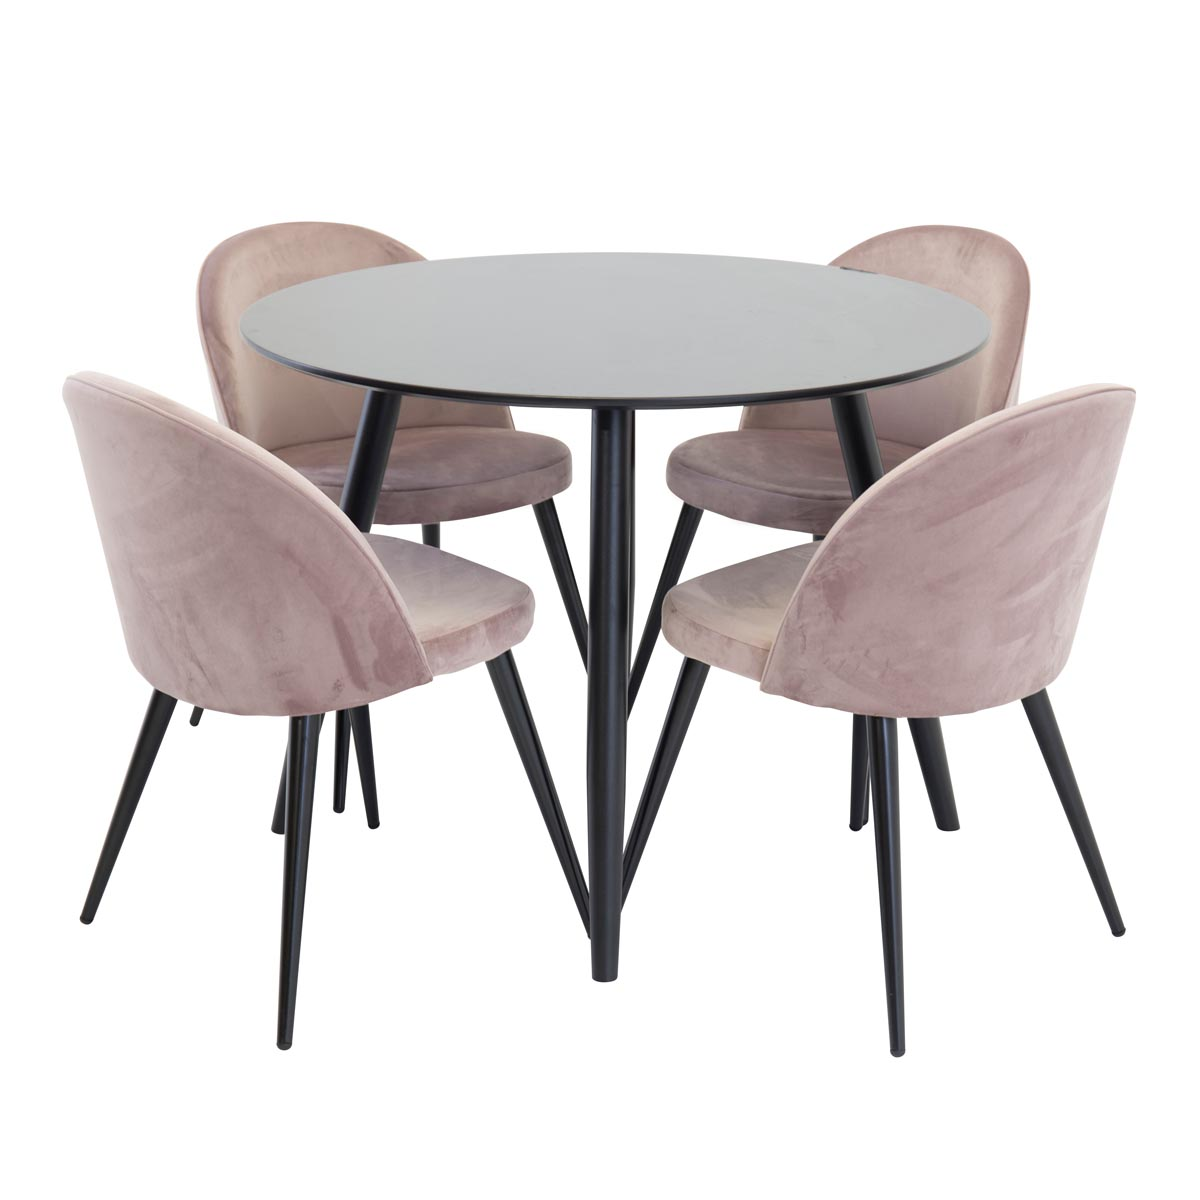 plaza-bord-svart+velvet-rosa-sammet-17940-488+19924-889